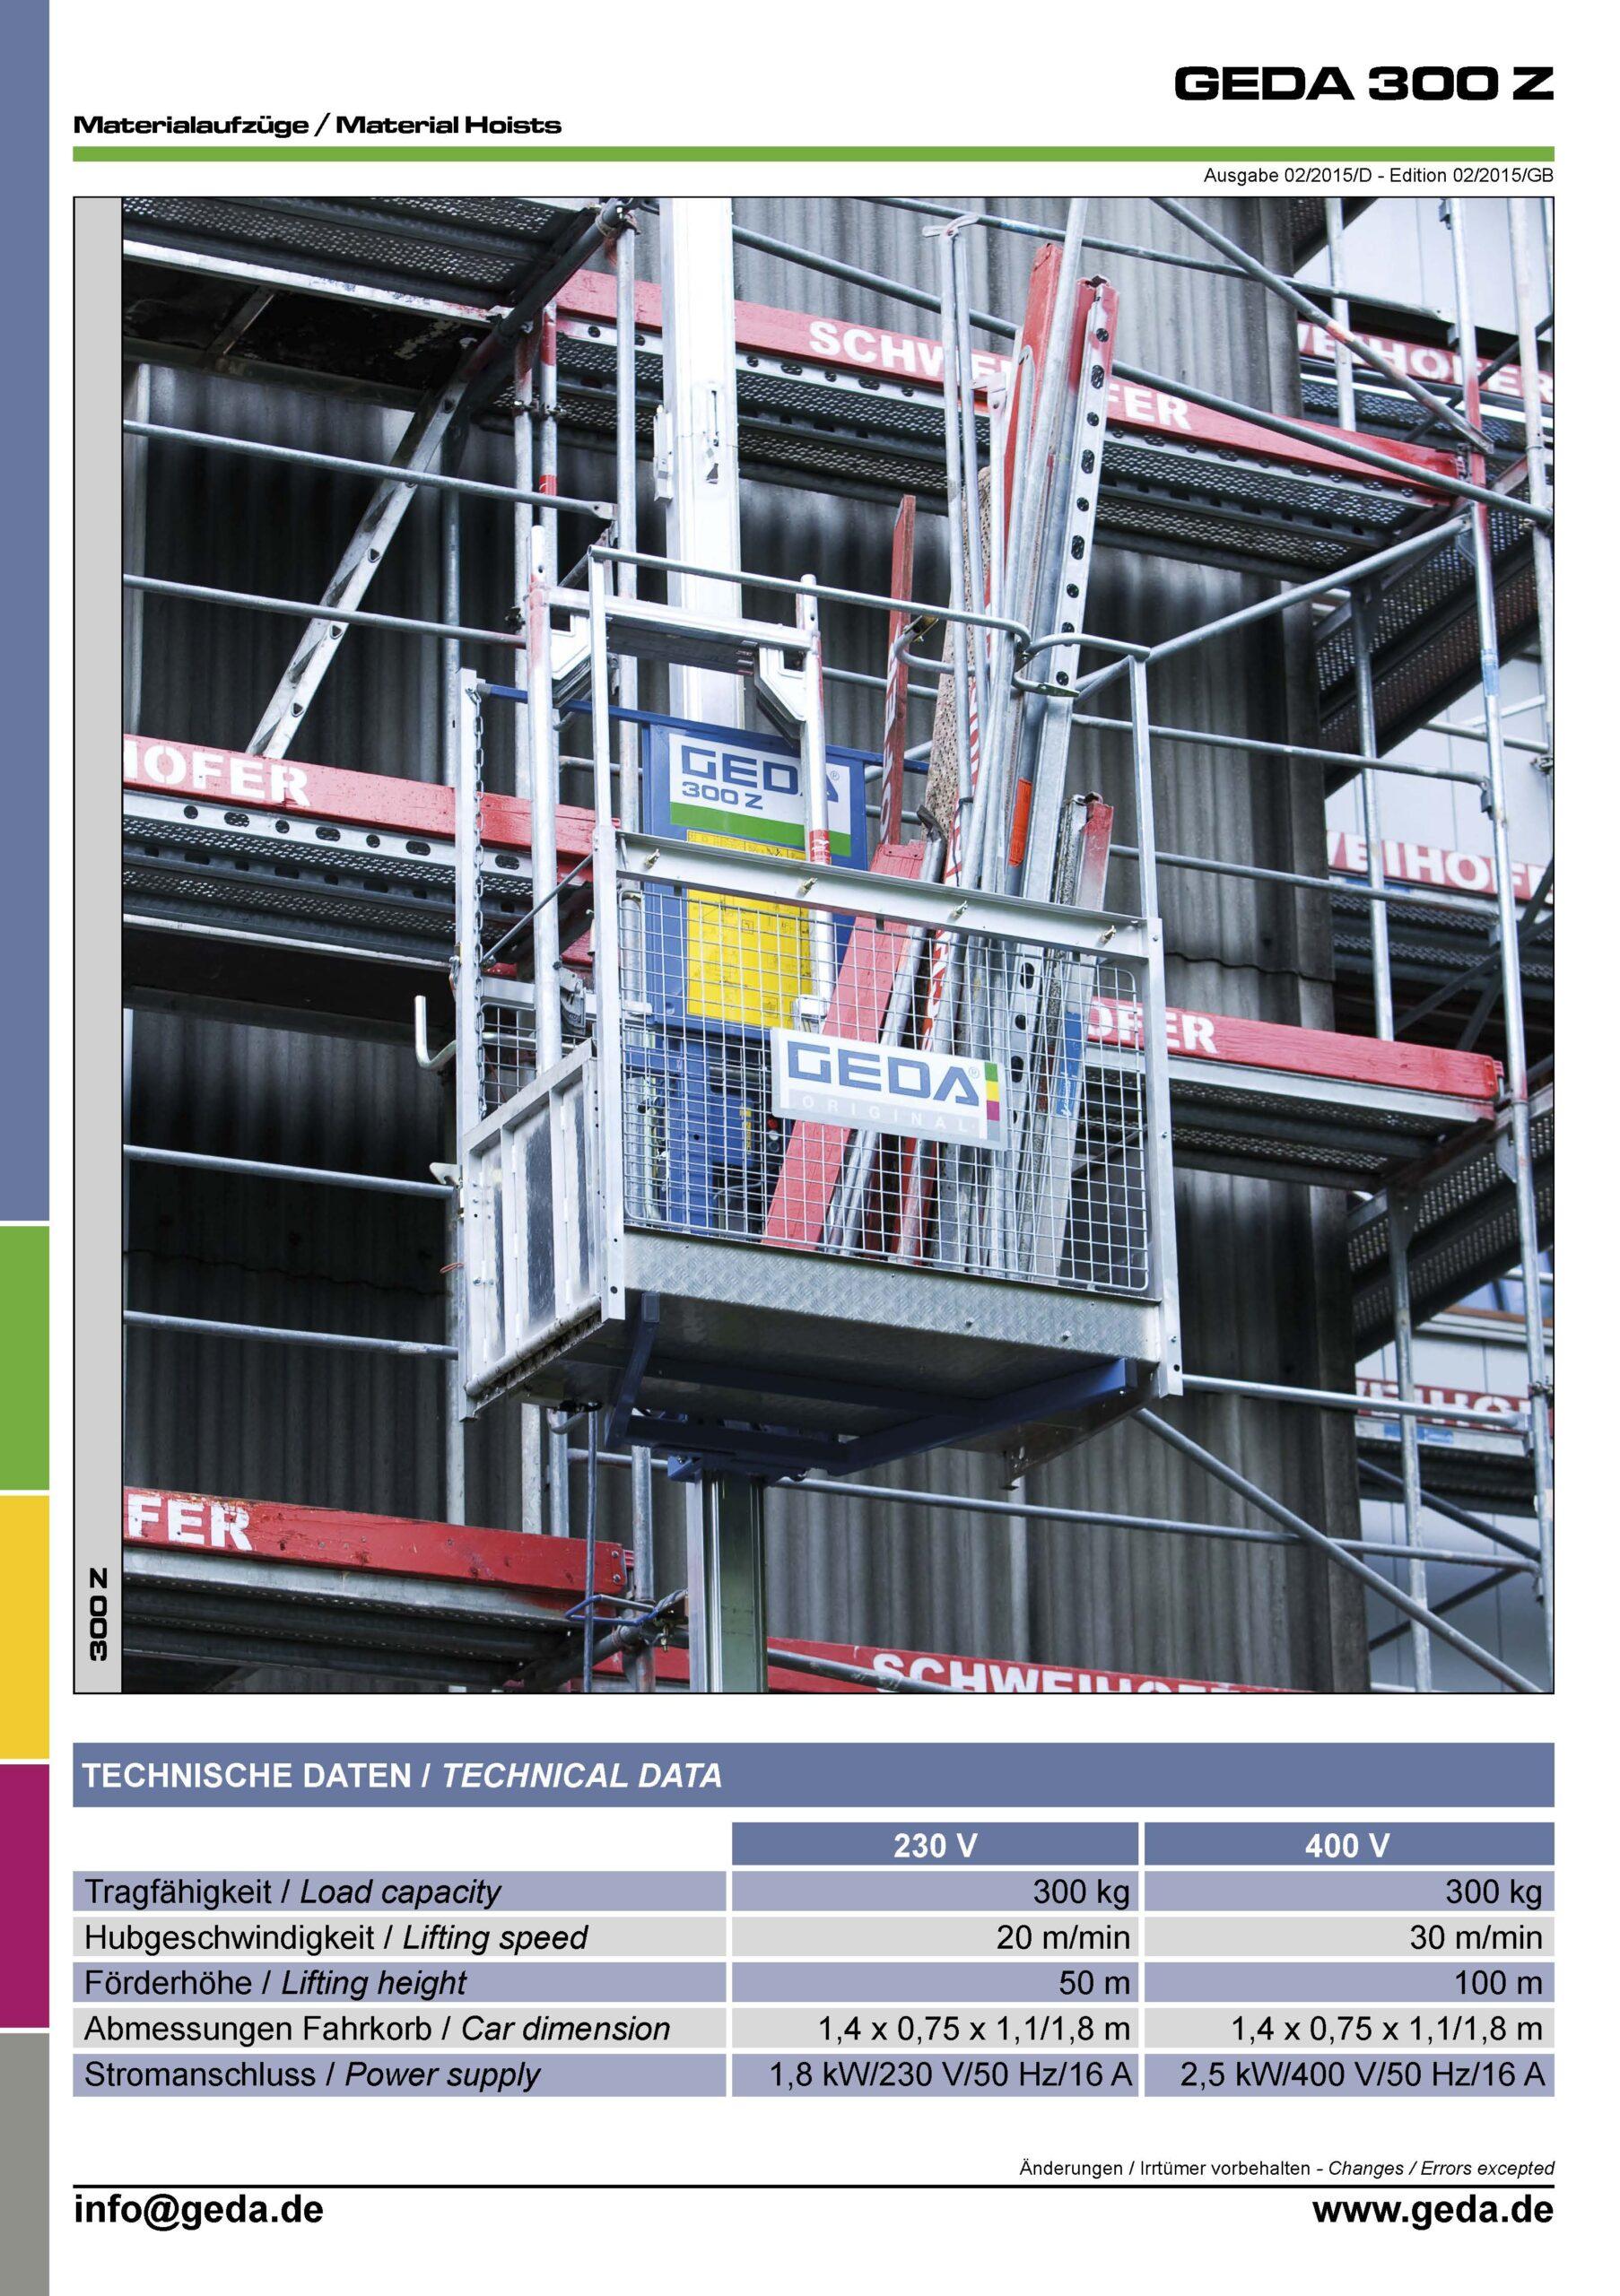 Forside til GEDA 300 datablad